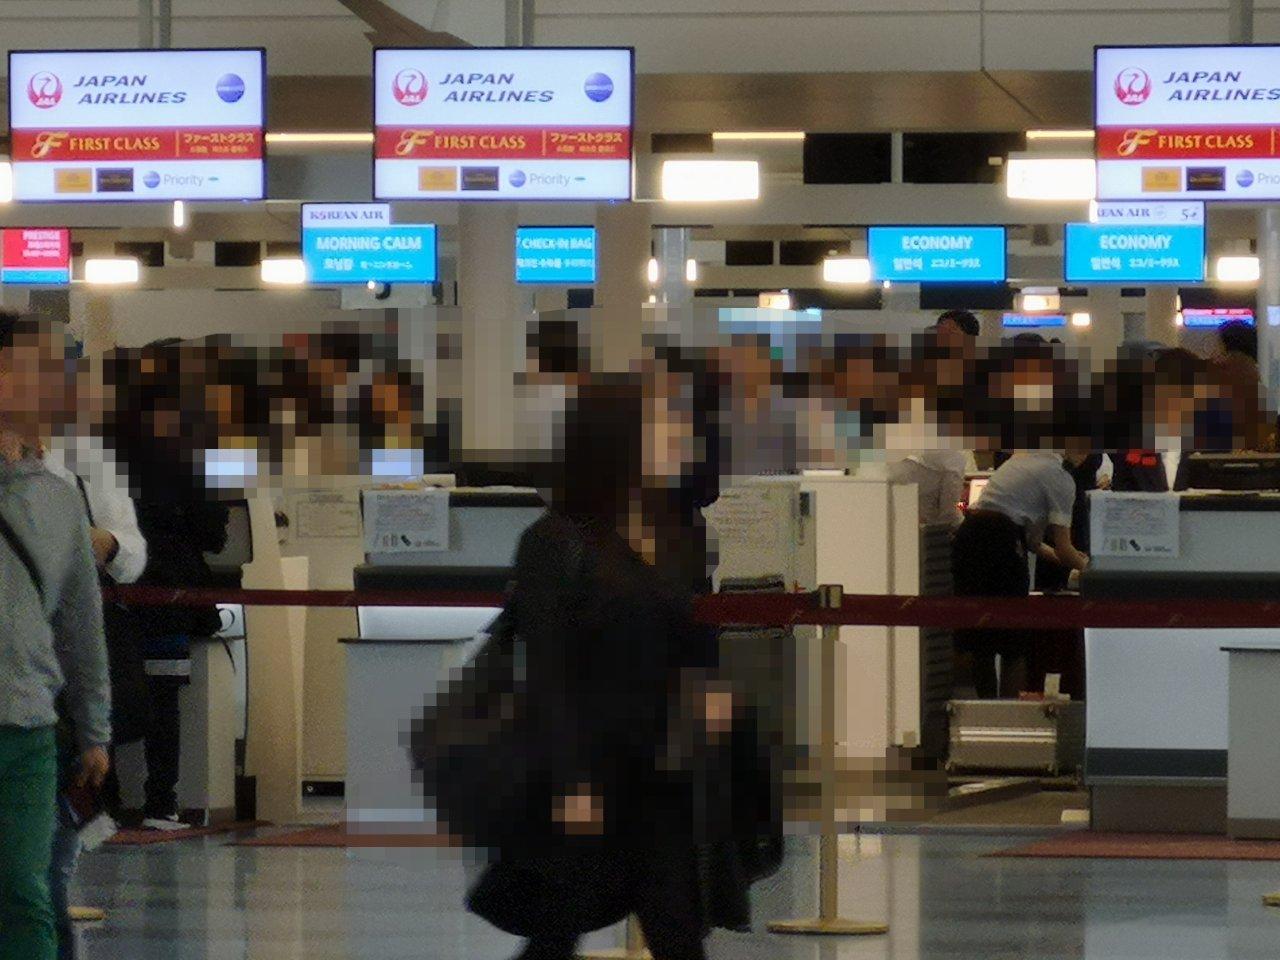 羽田国際線ターミナル5